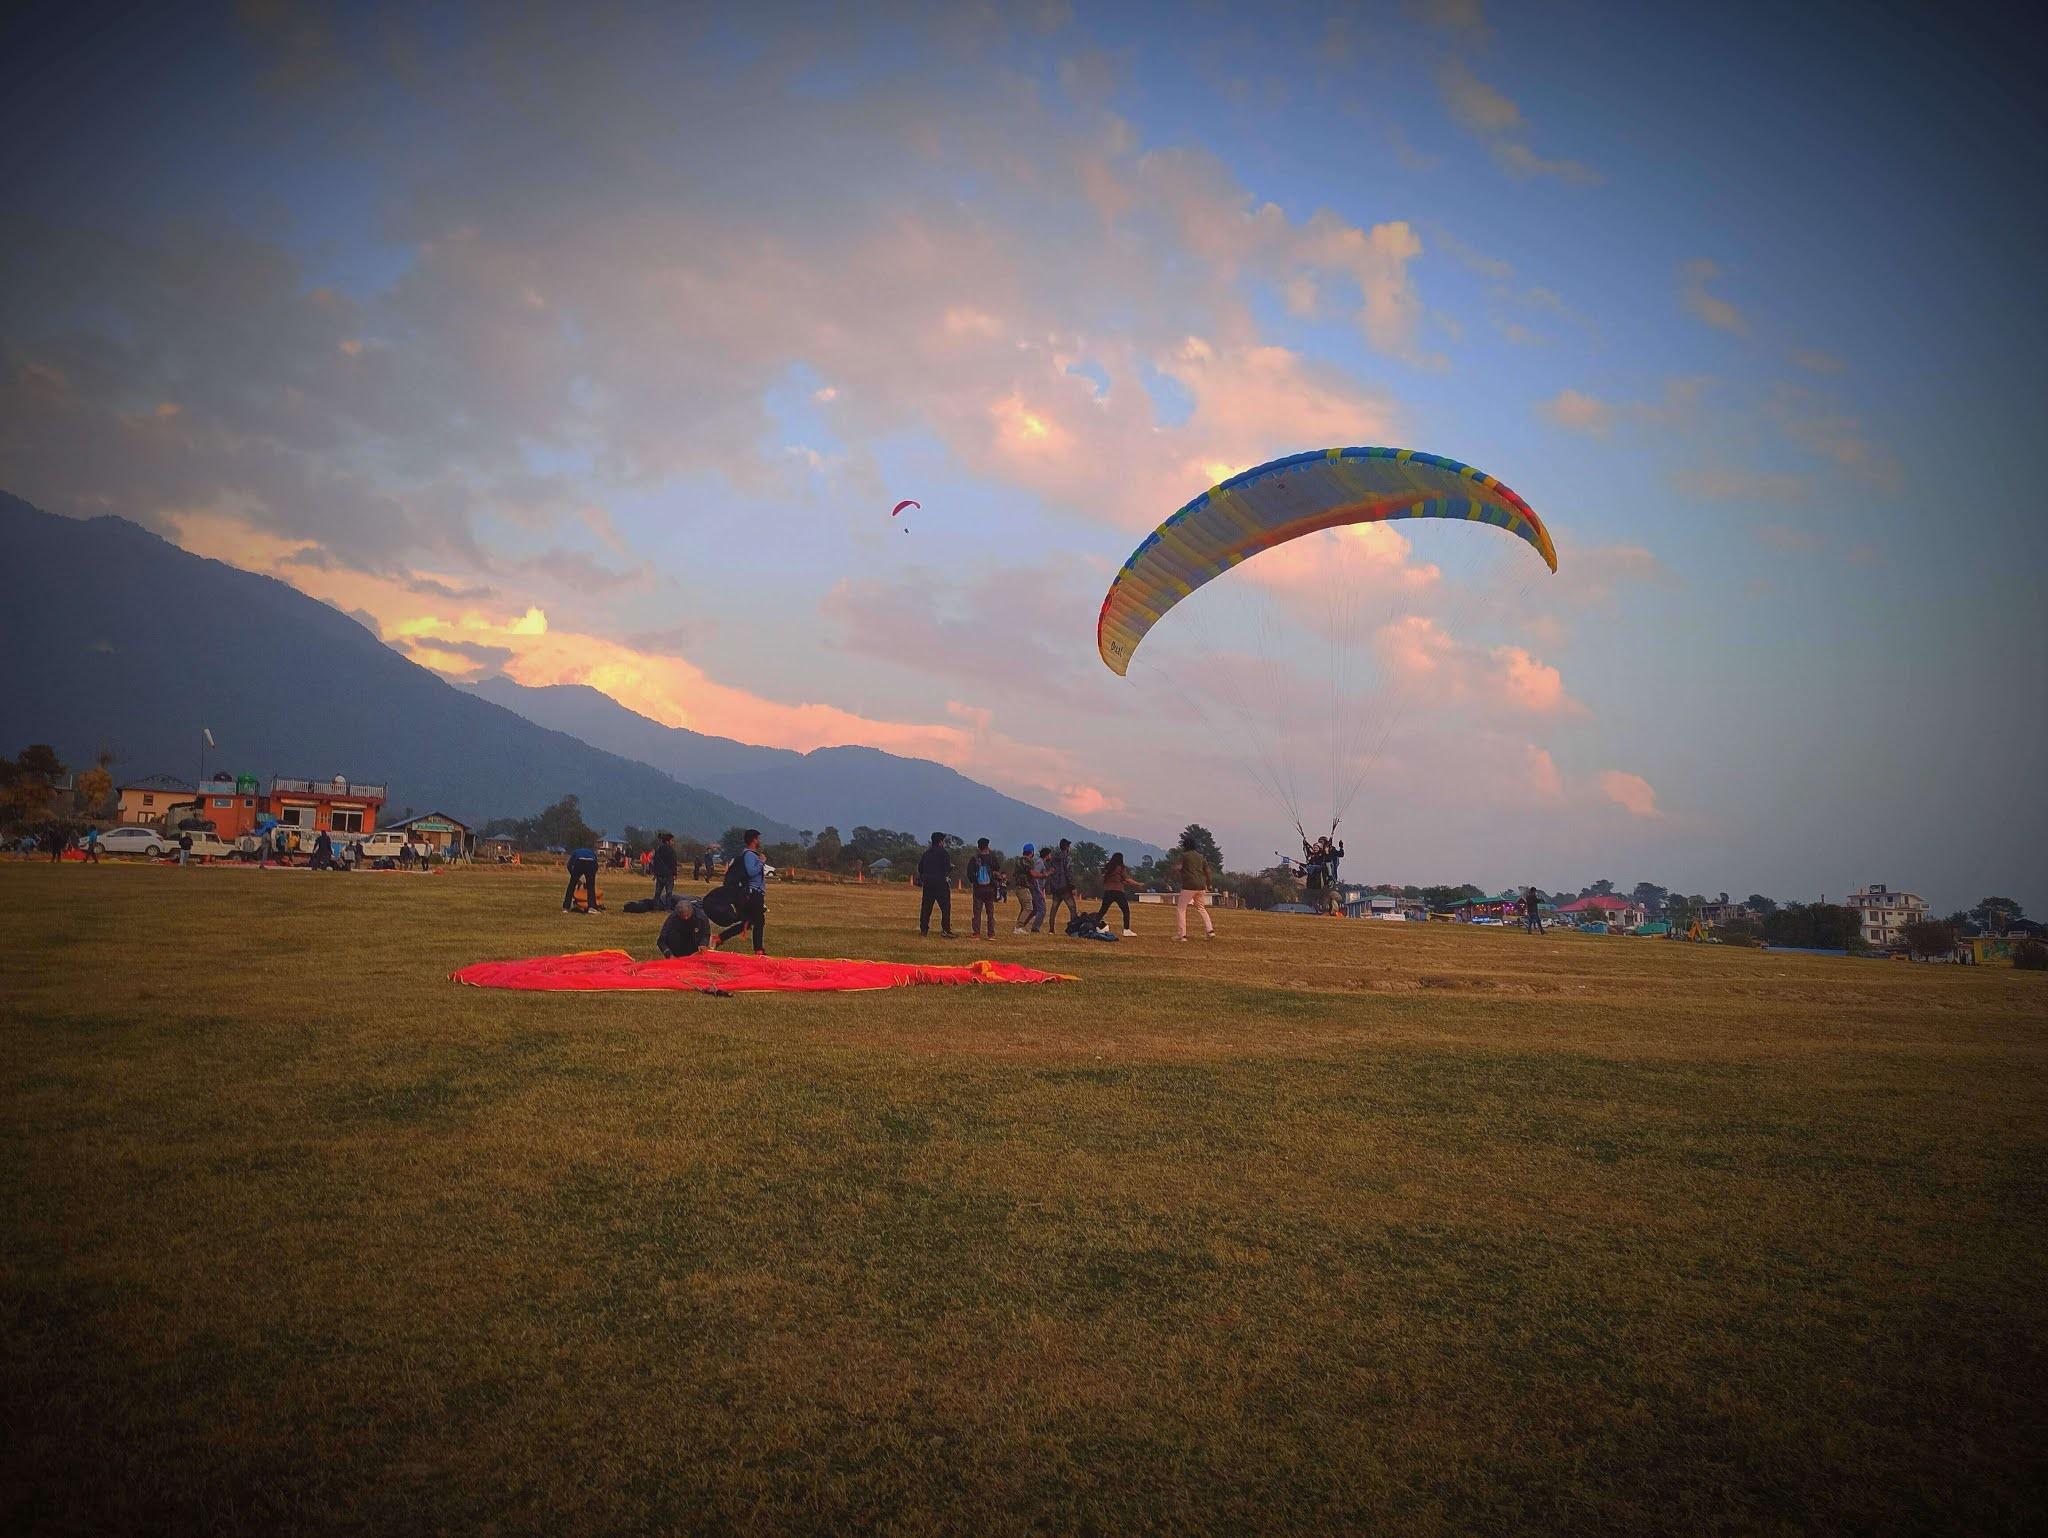 bir-billing-paragliding-short-flying